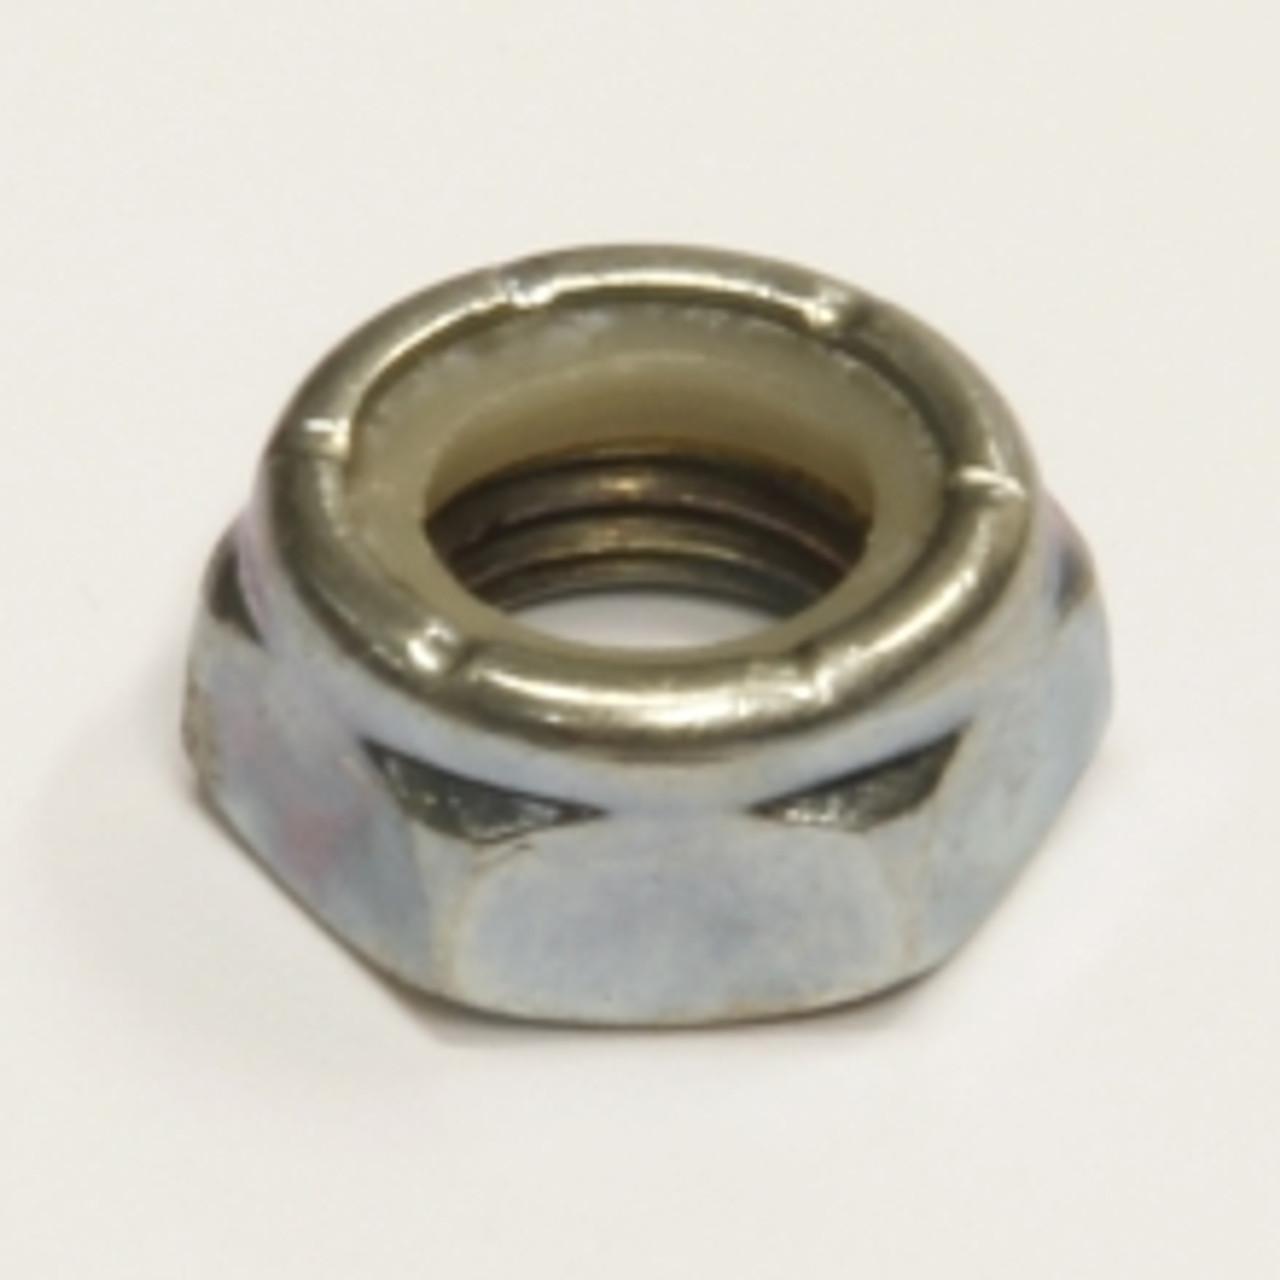 18 tpi 5//8 UNF Nyloc Nut Zinc